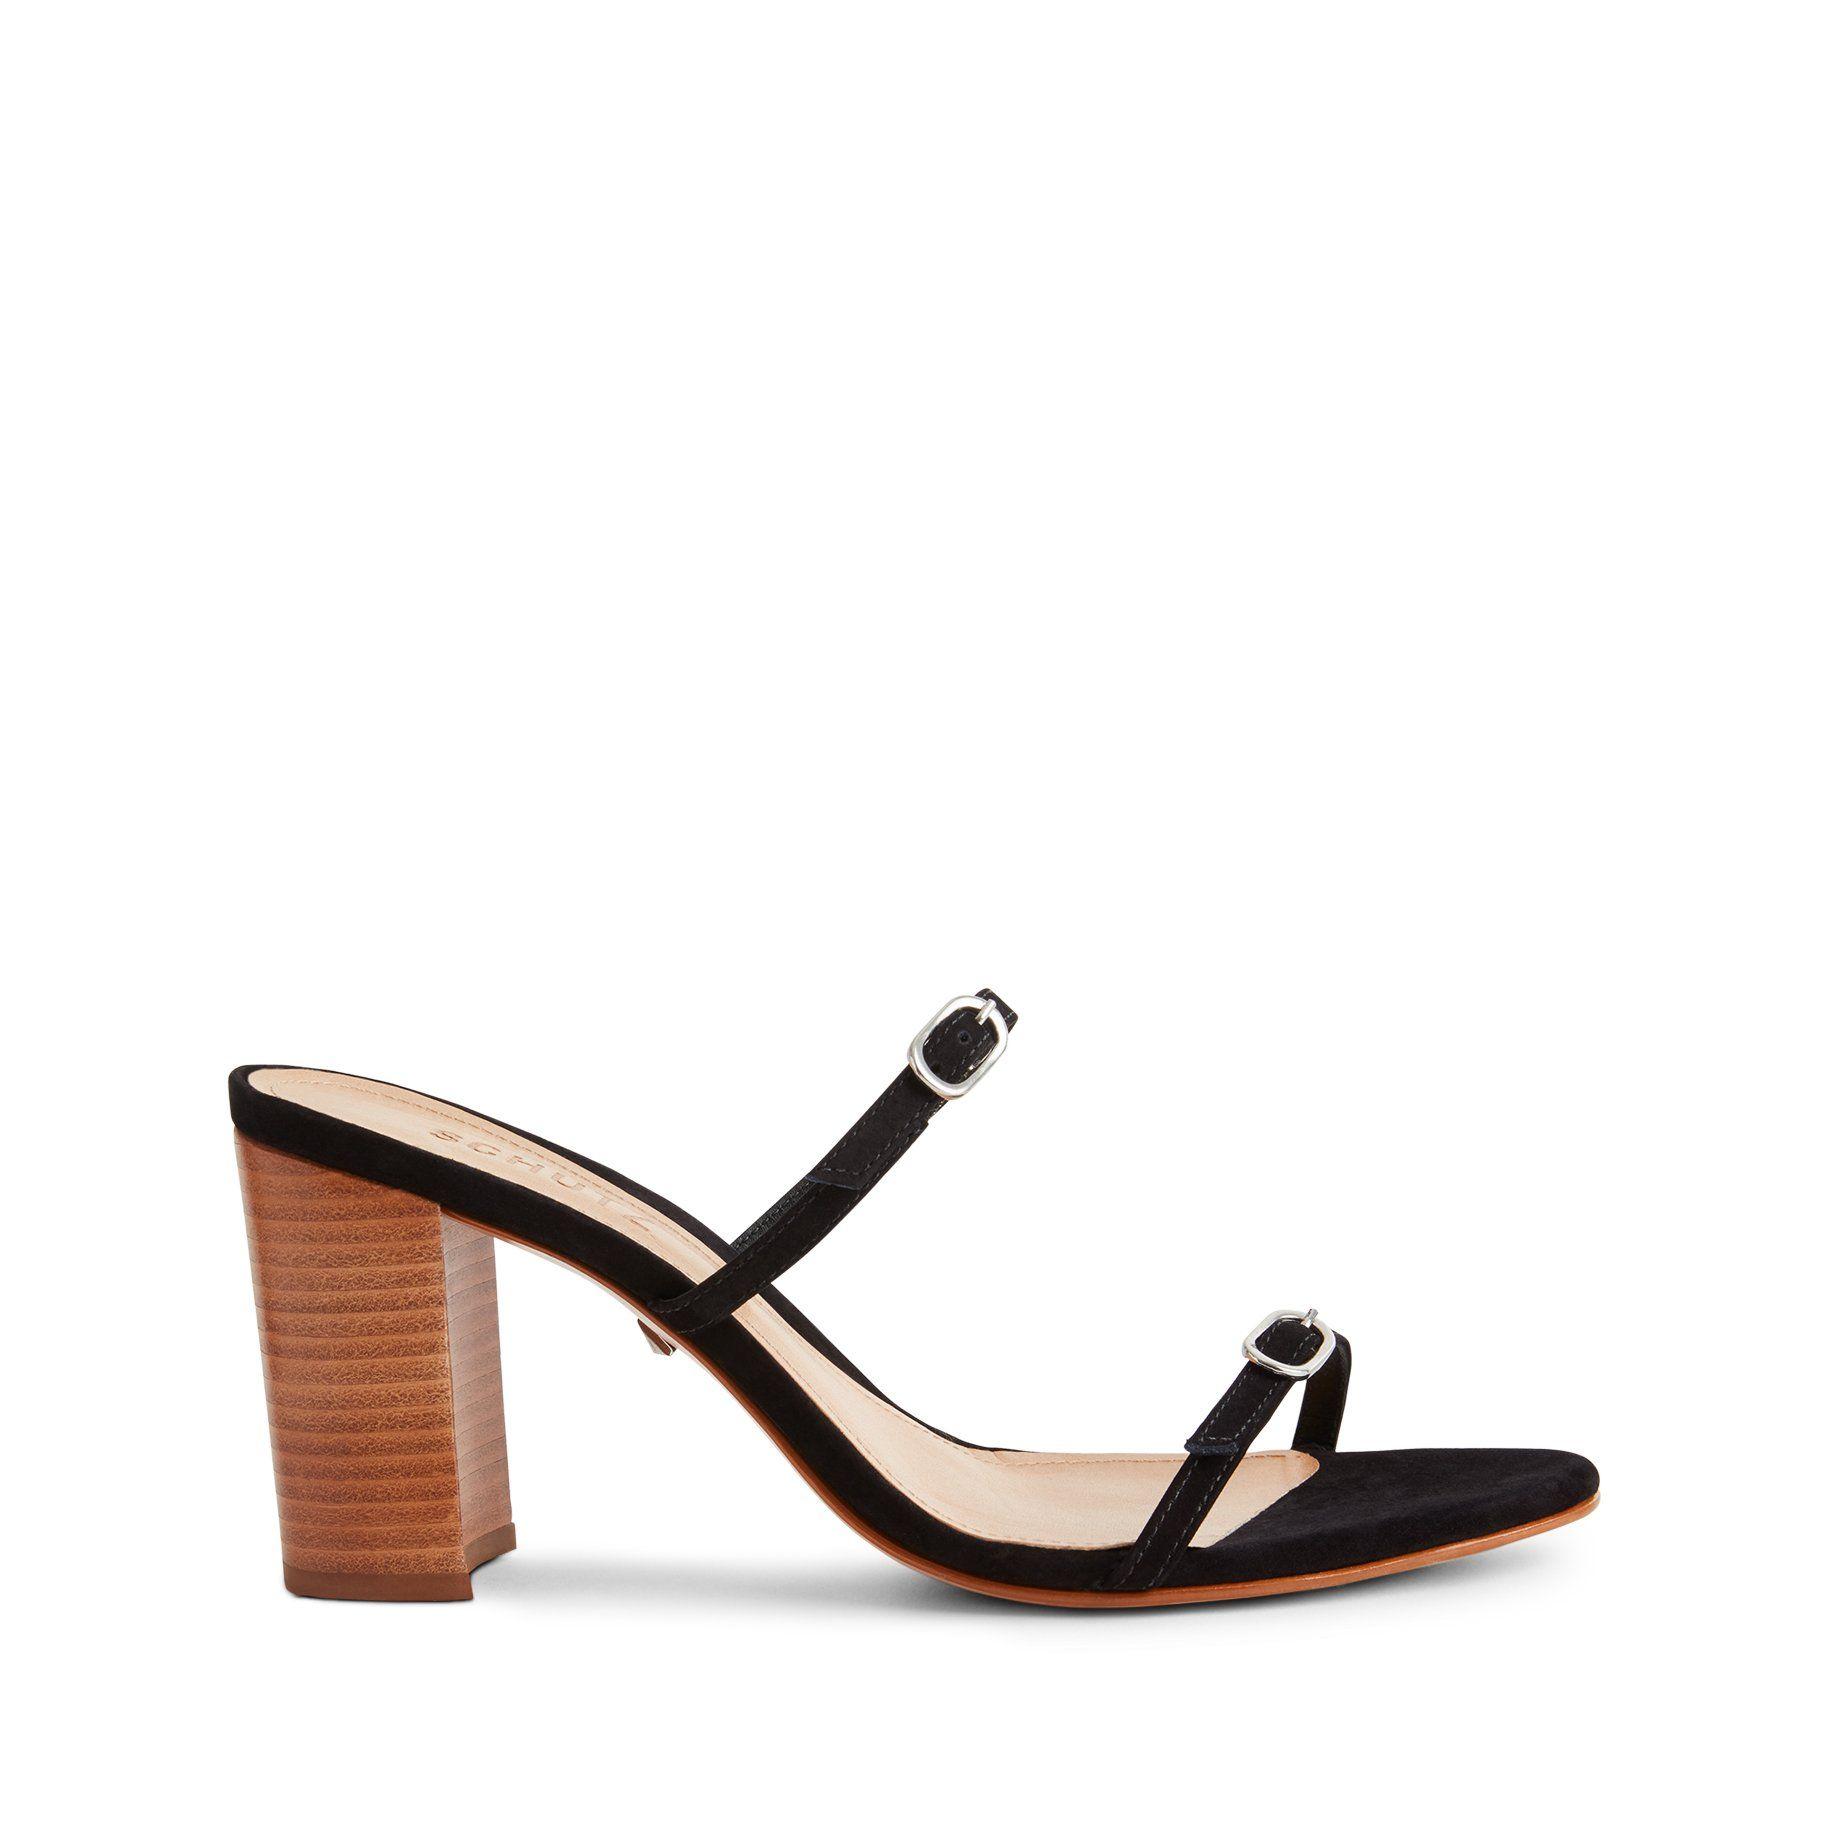 Schutz Djesie Sandal Schutz Shoes Womens Sandals Schutz